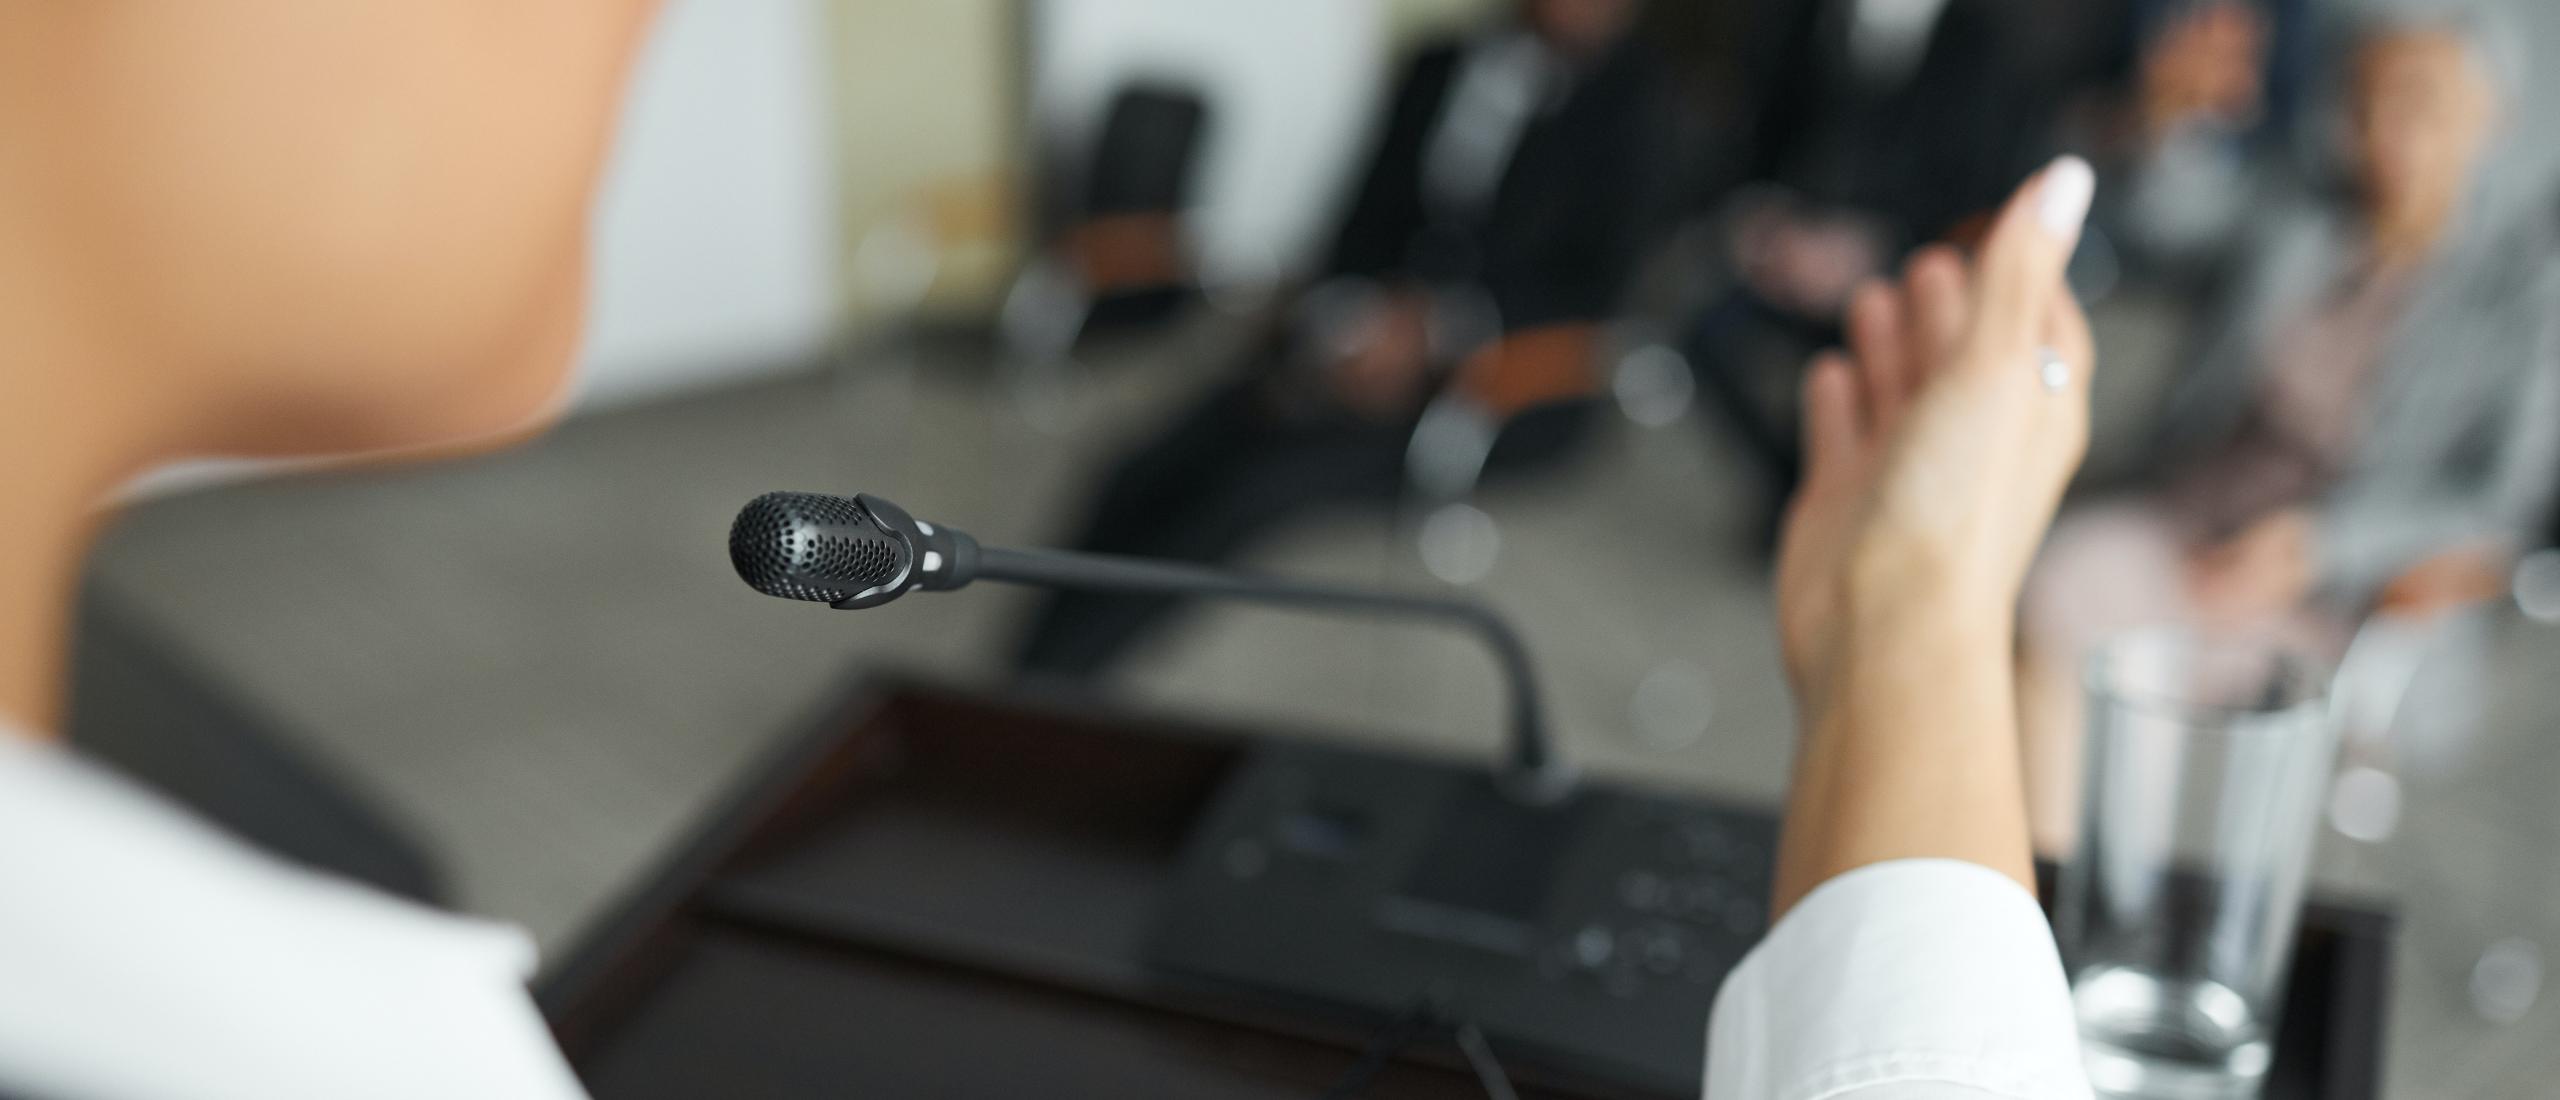 MH17-proces: het woord is nu aan de nabestaanden